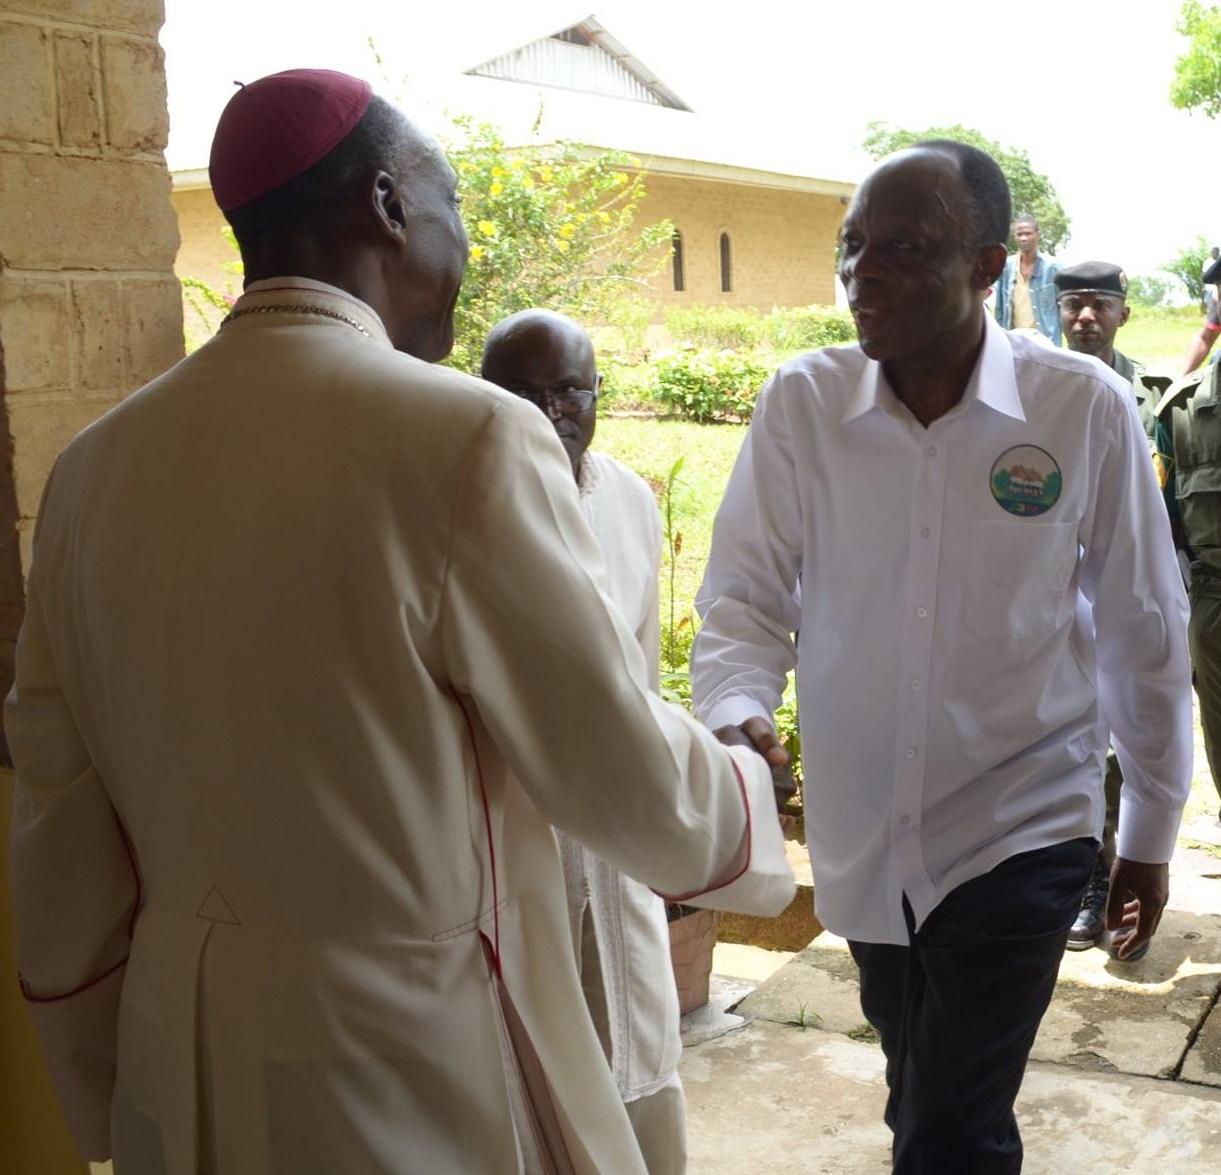 Lettre ouverte à notre Evêque de Kinkala, Monseigneur Louis Portella Mbuyu  par Me Massengo-Tiassé superviseur de la résistance à l'extérieur*